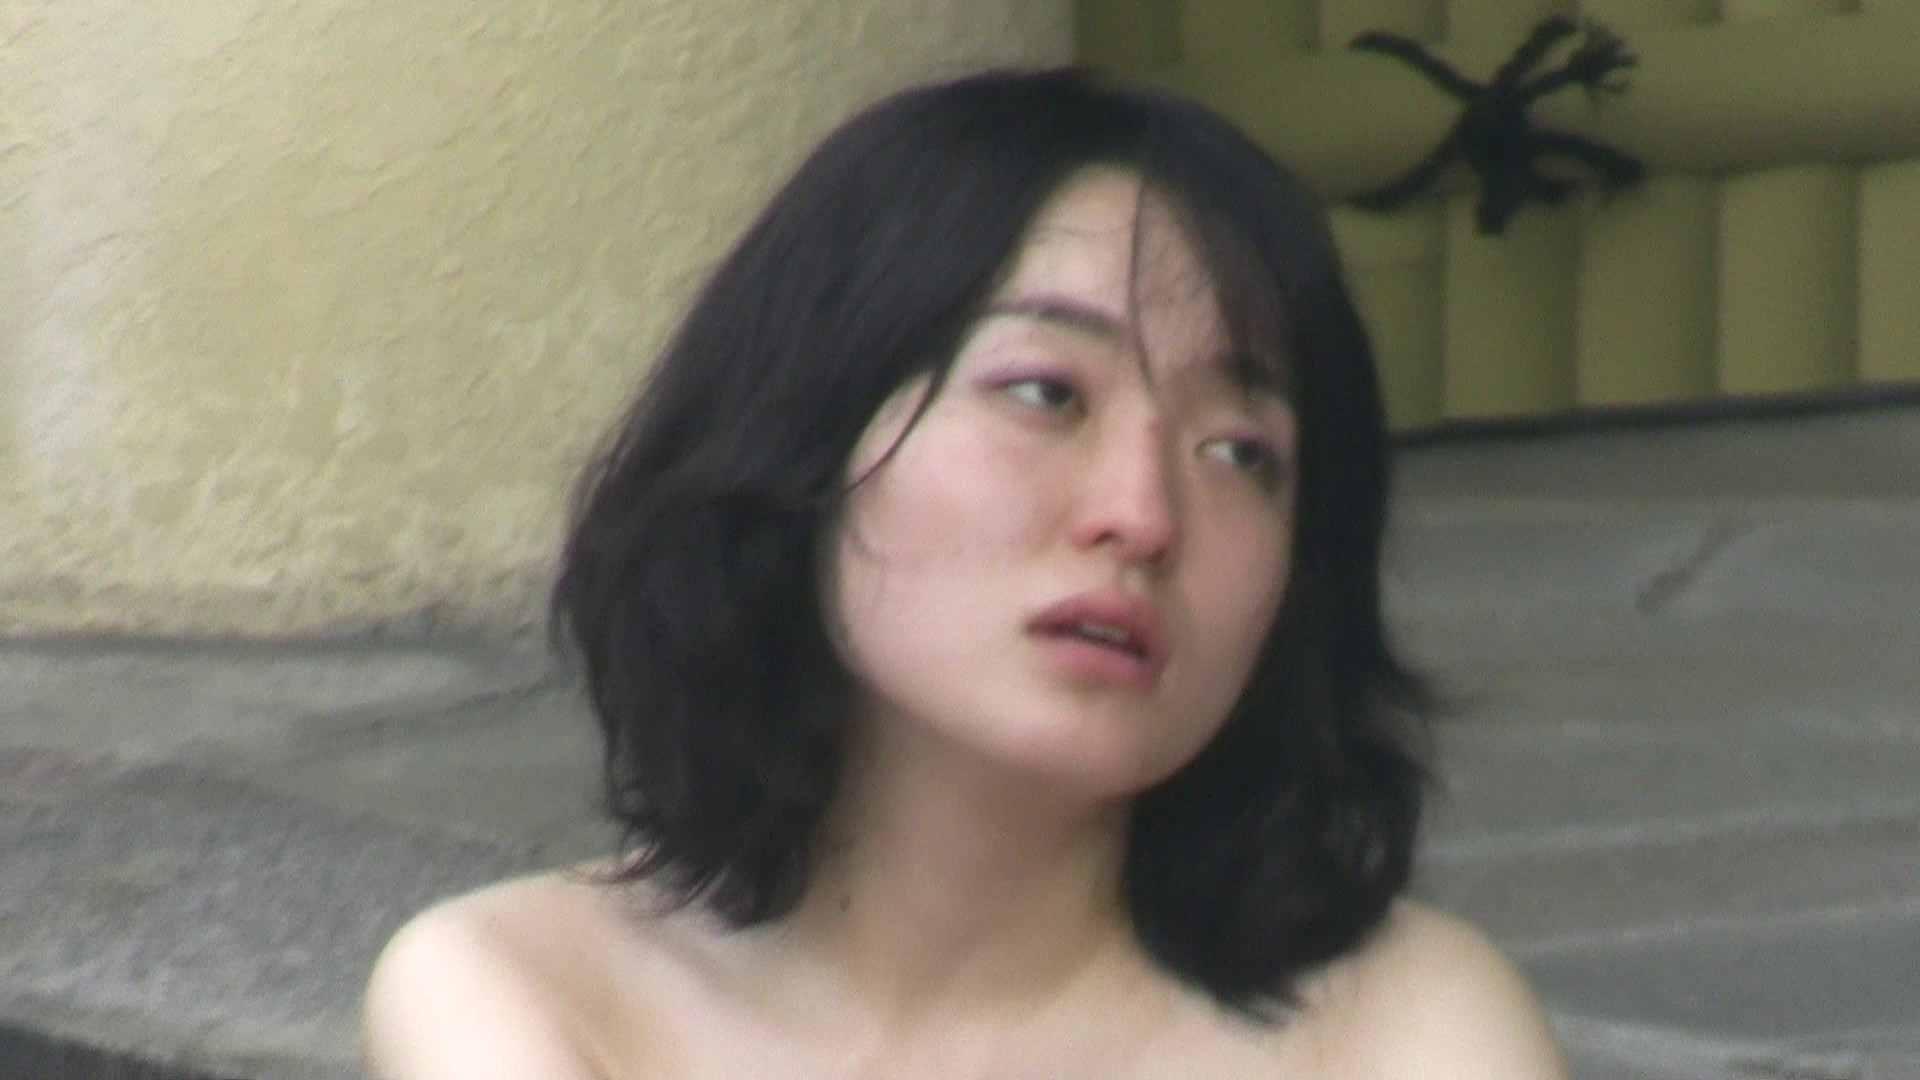 Aquaな露天風呂Vol.681 盗撮動画  11枚 6